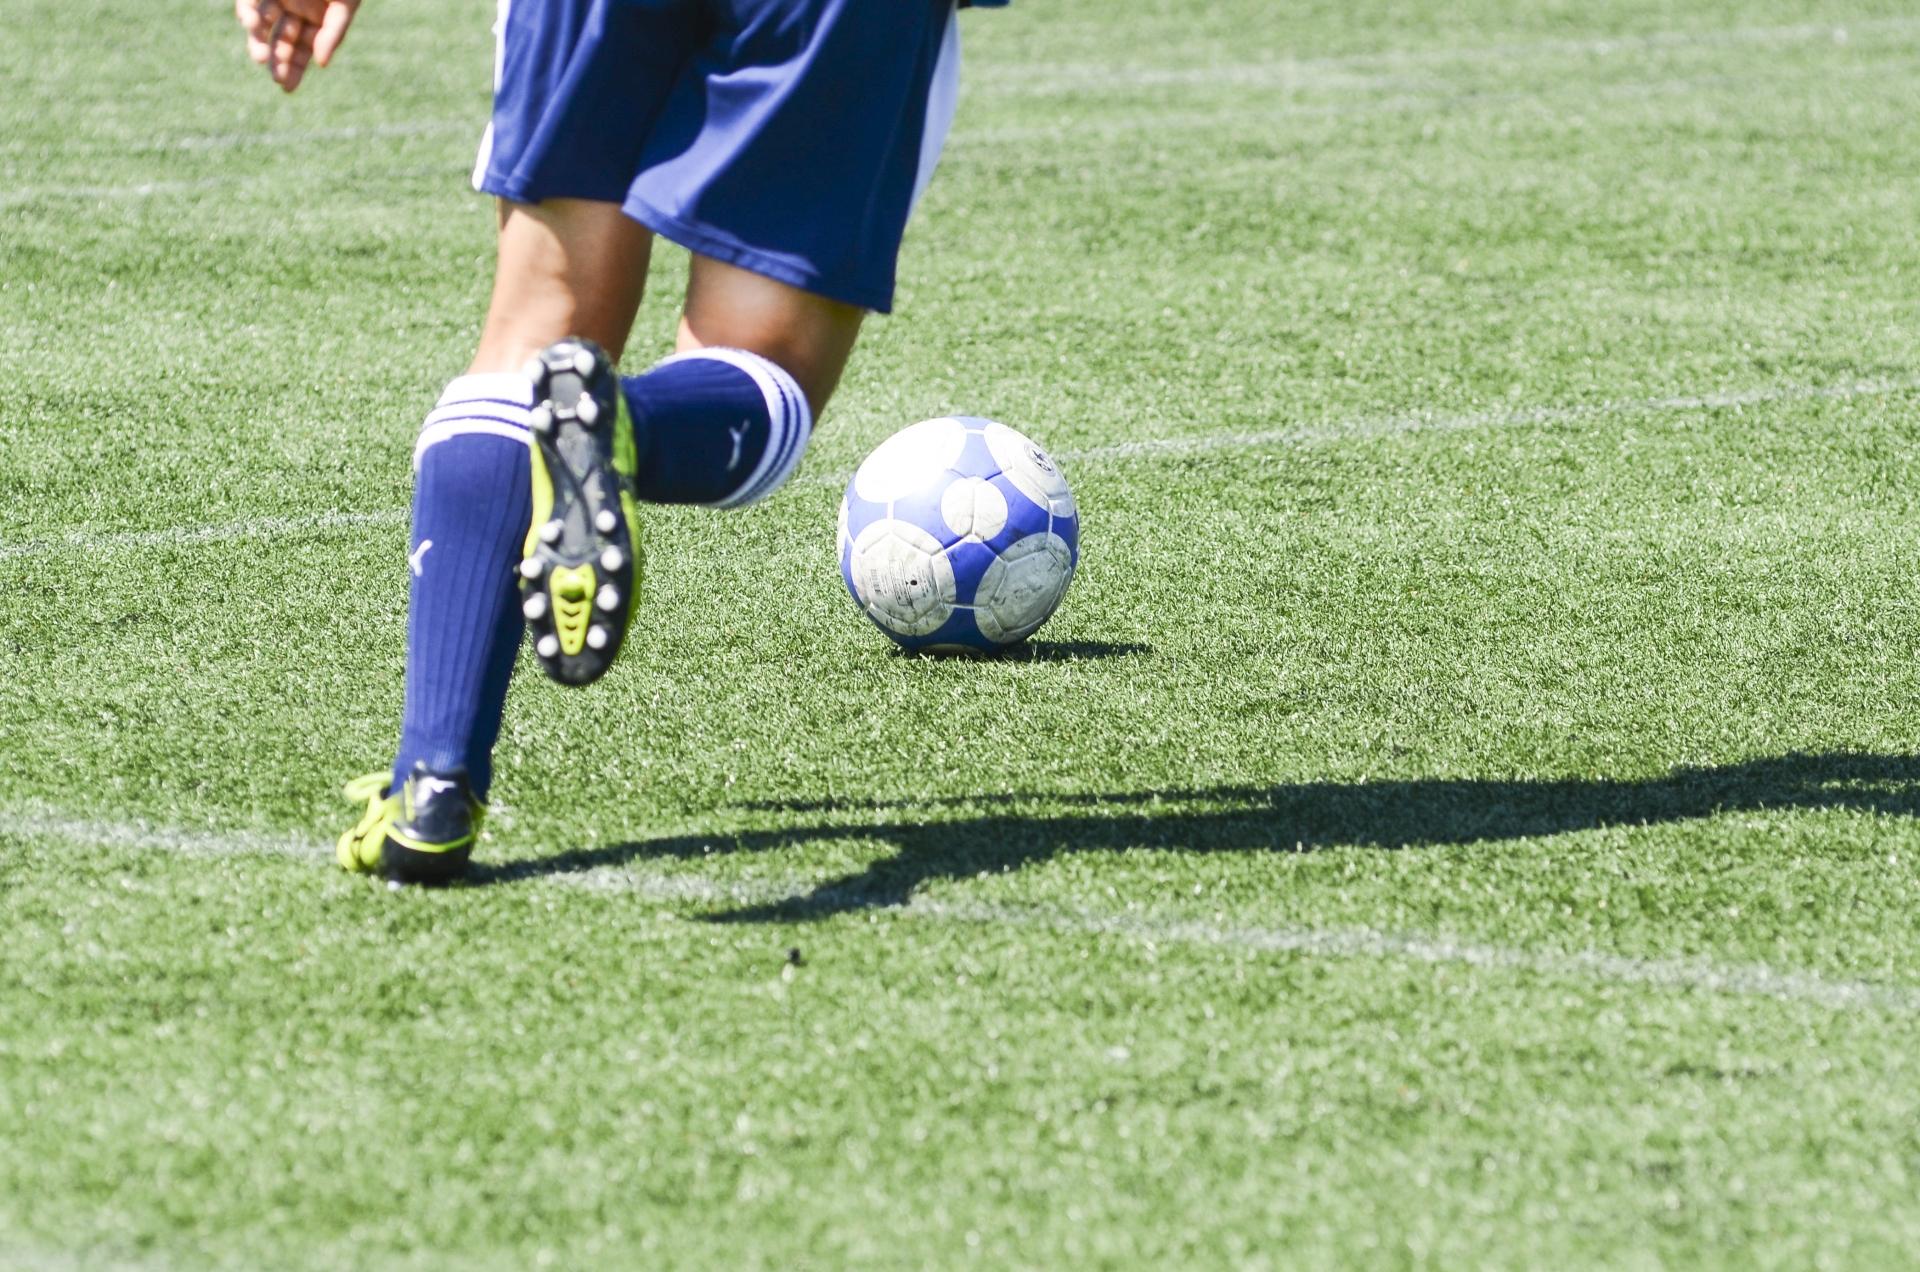 サッカーのドリブルがうまくなる5つのコツ。練習メニューを紹介